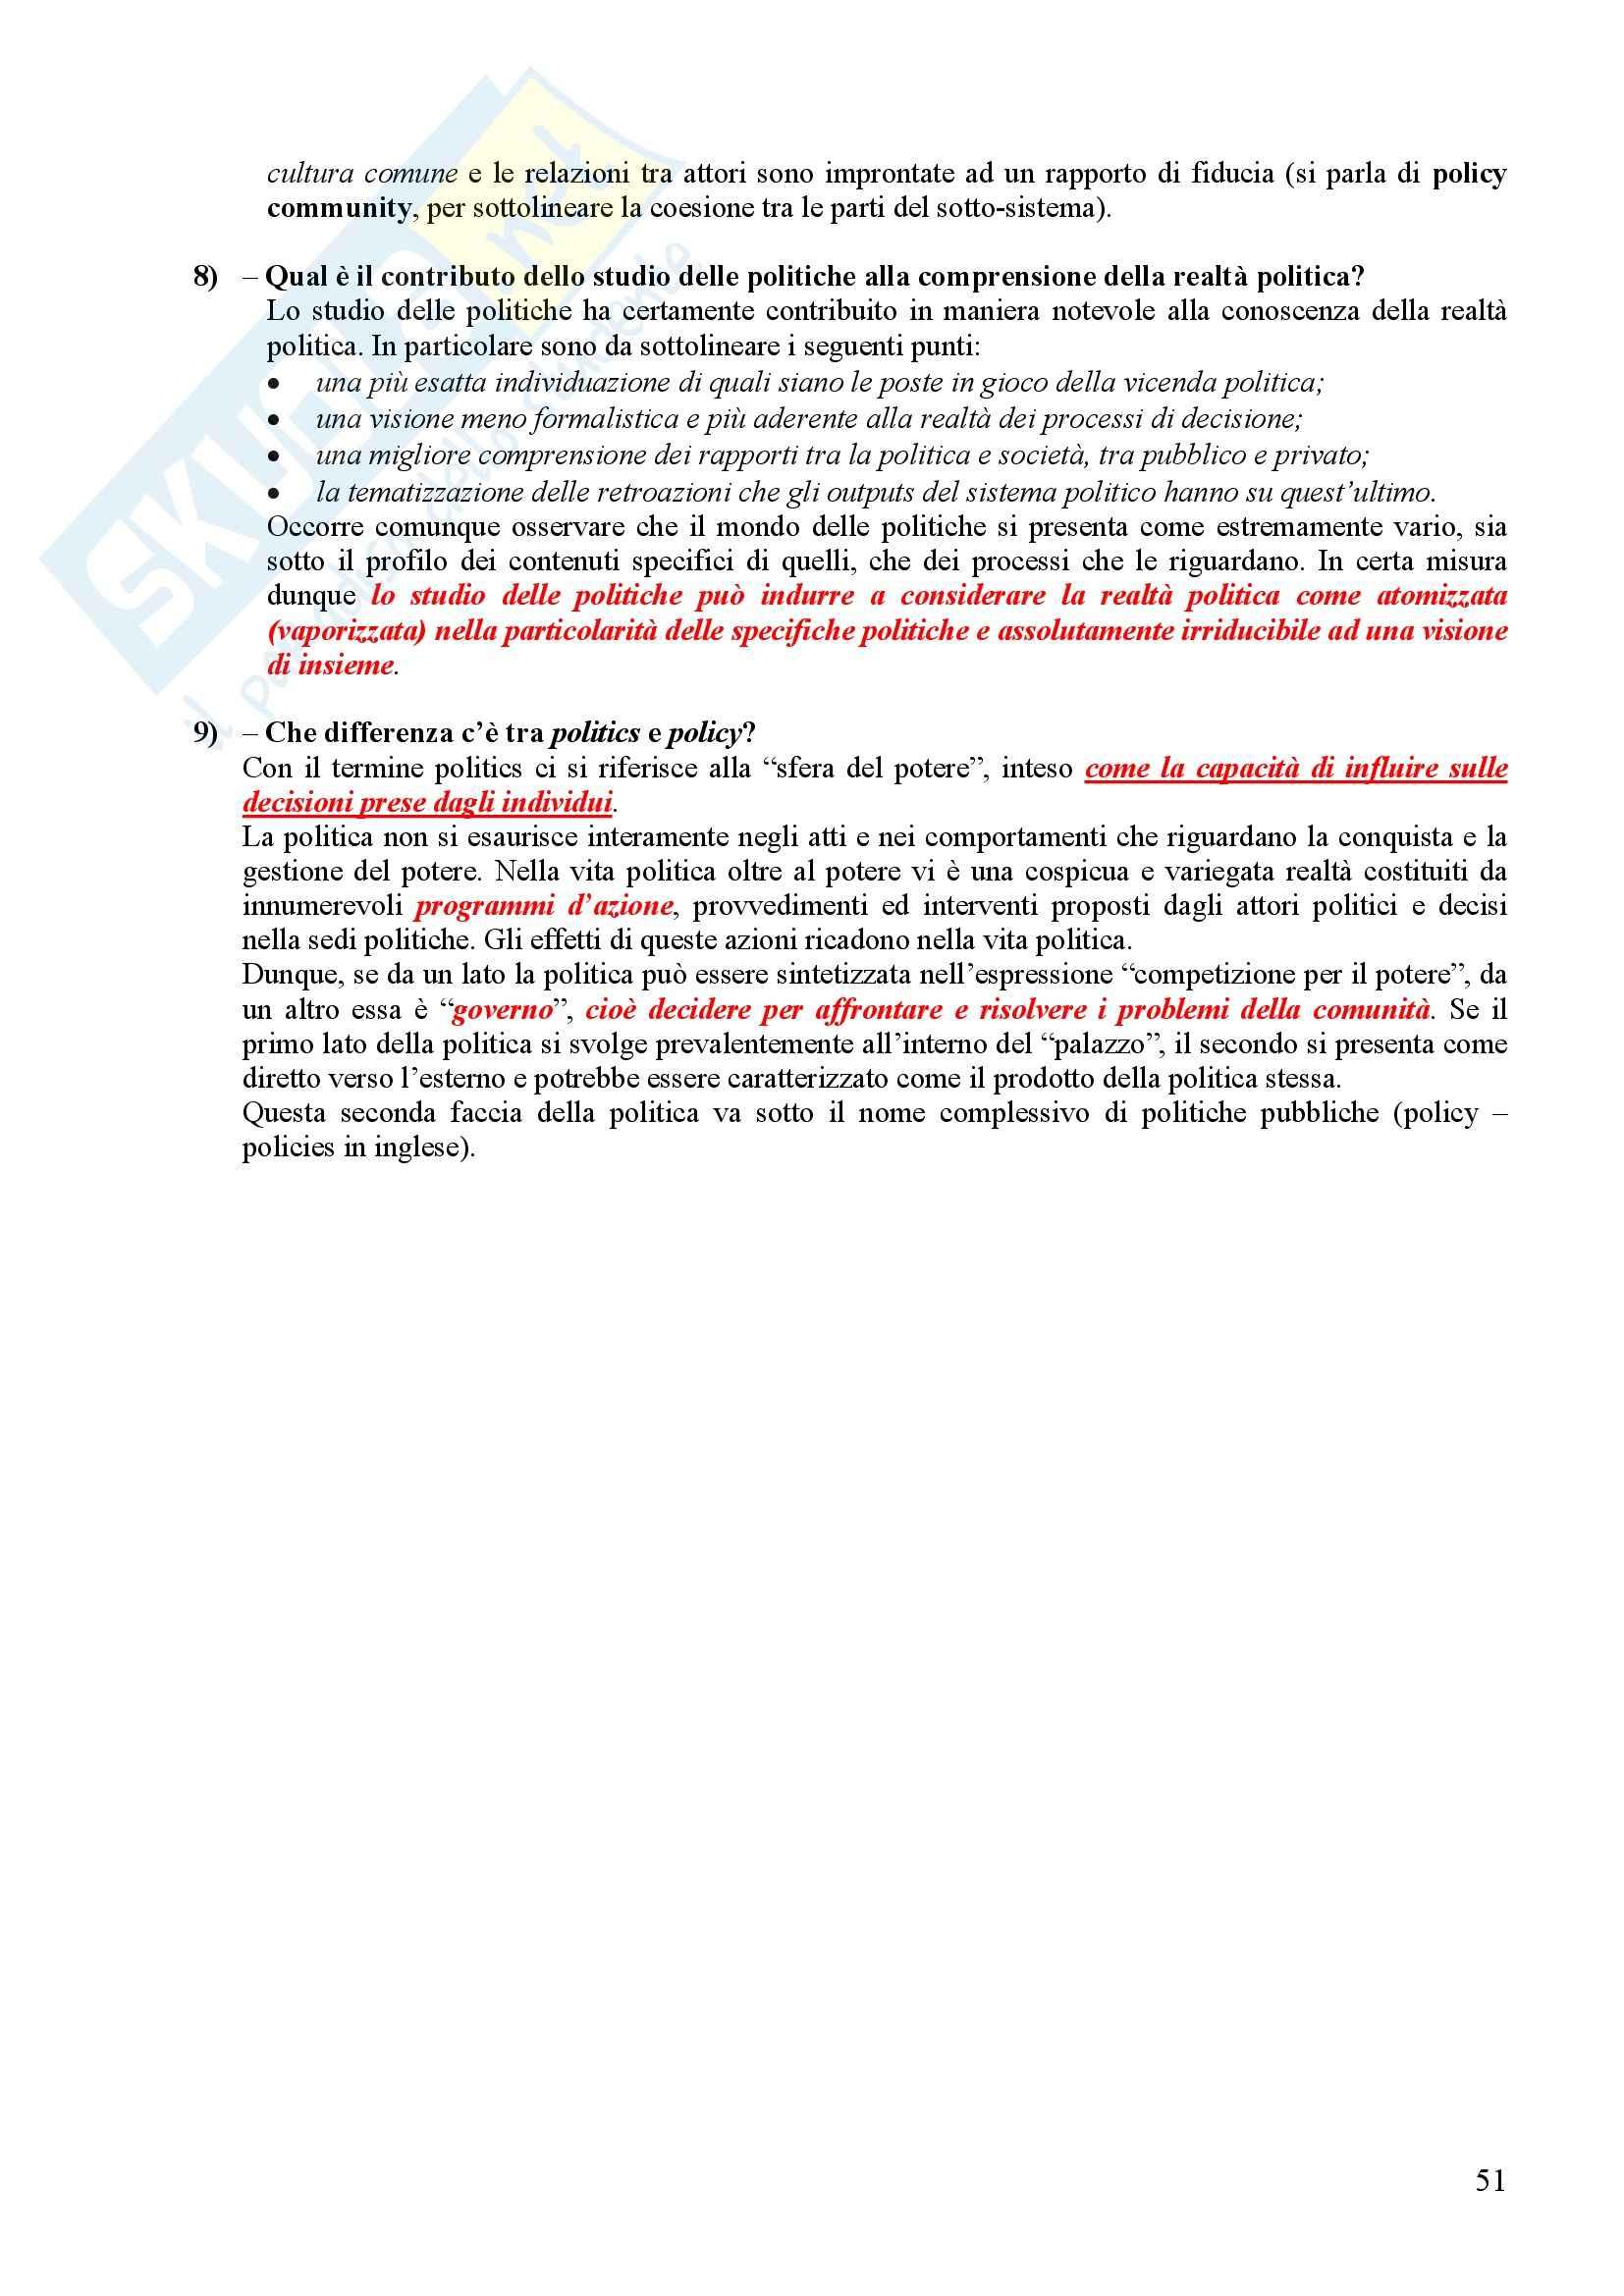 Scienza politica - Domande e risposte Pag. 51